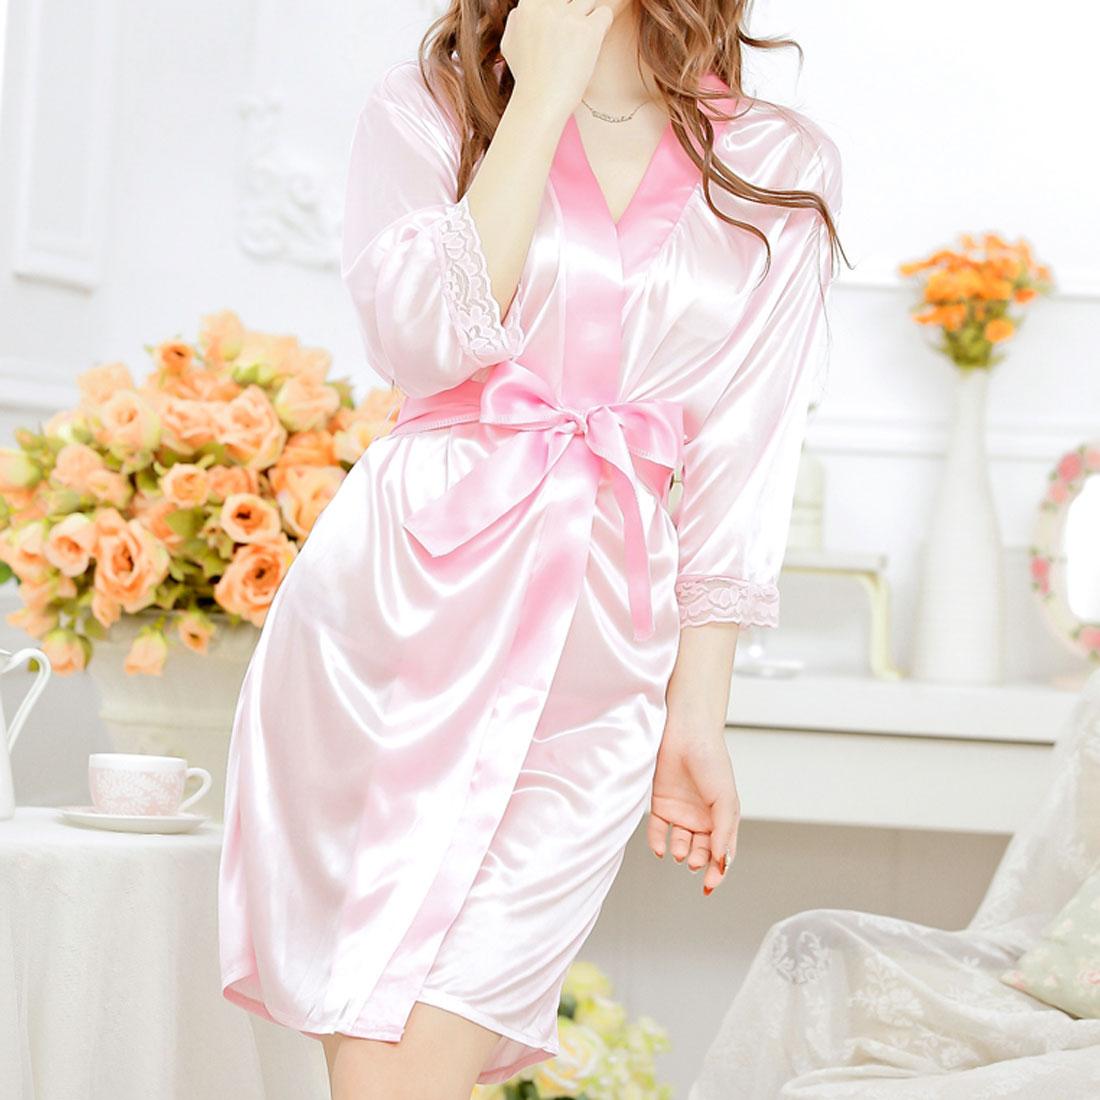 Women Lady Silk Satin Lingerie Robe Sleepwear Nightwear Kimono Gown Night Dress Pink